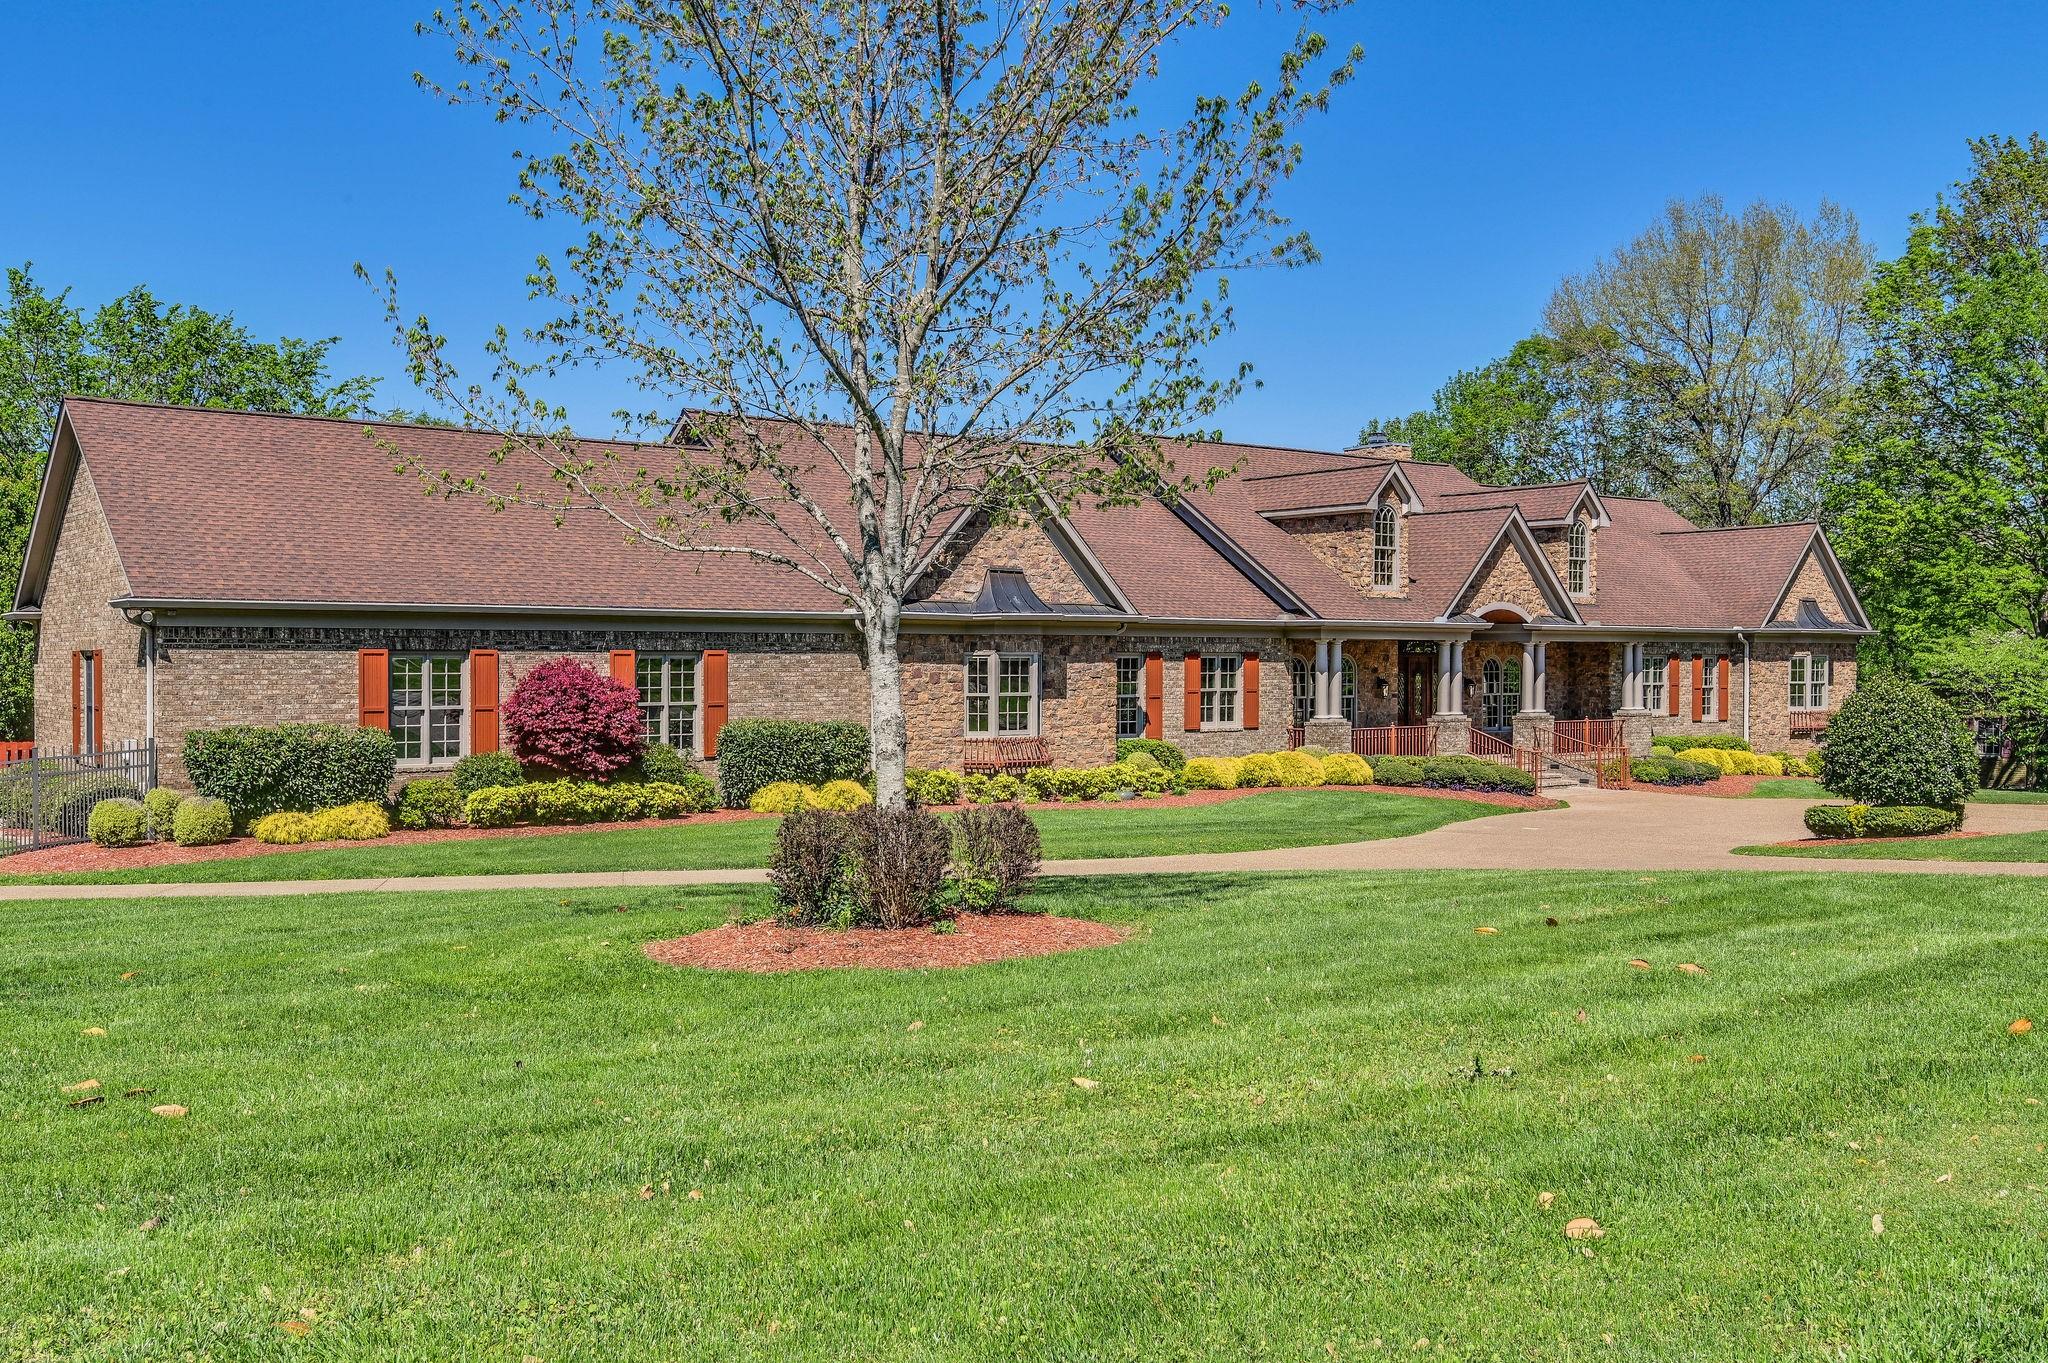 904 Alder Dr, Nashville, TN 37220 - Nashville, TN real estate listing